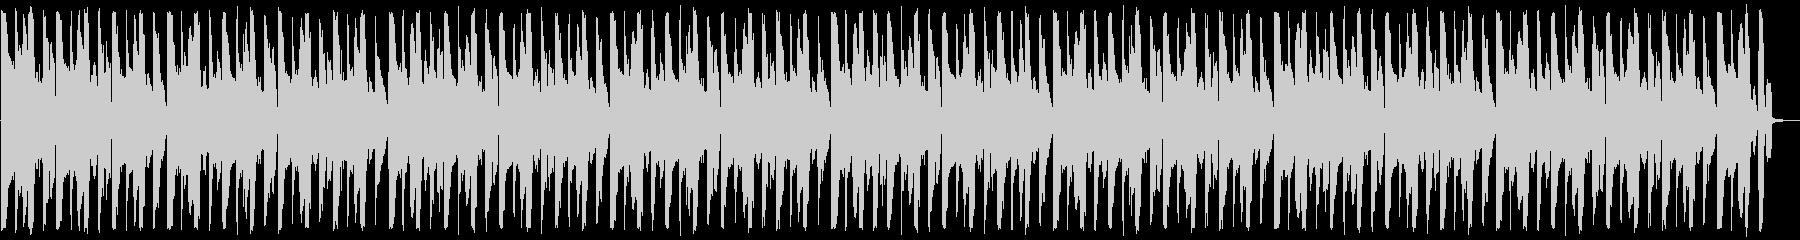 ゆったりとしたテクノ_No603_5の未再生の波形